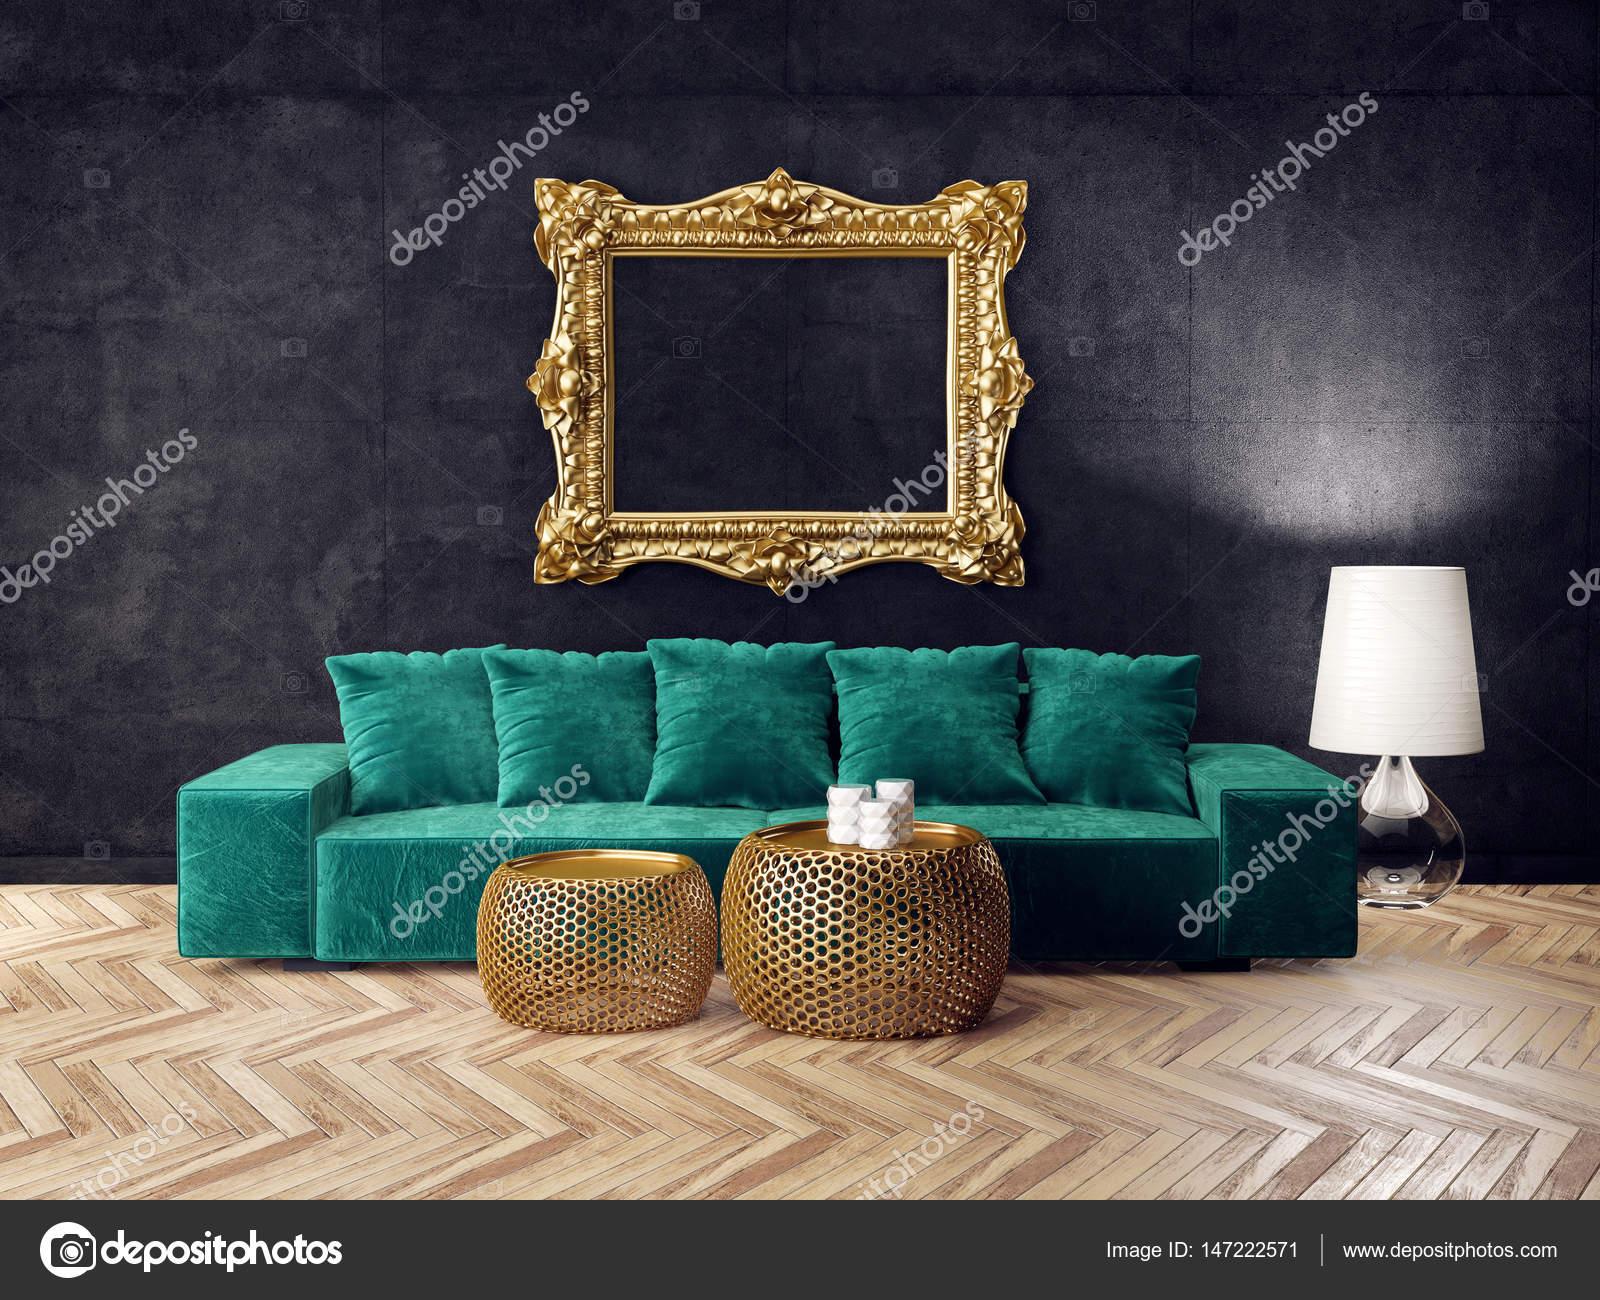 Habitaci N Con Muebles Modernos Foto De Stock Alexroz 147222571 # Niza Muebles Y Objetos